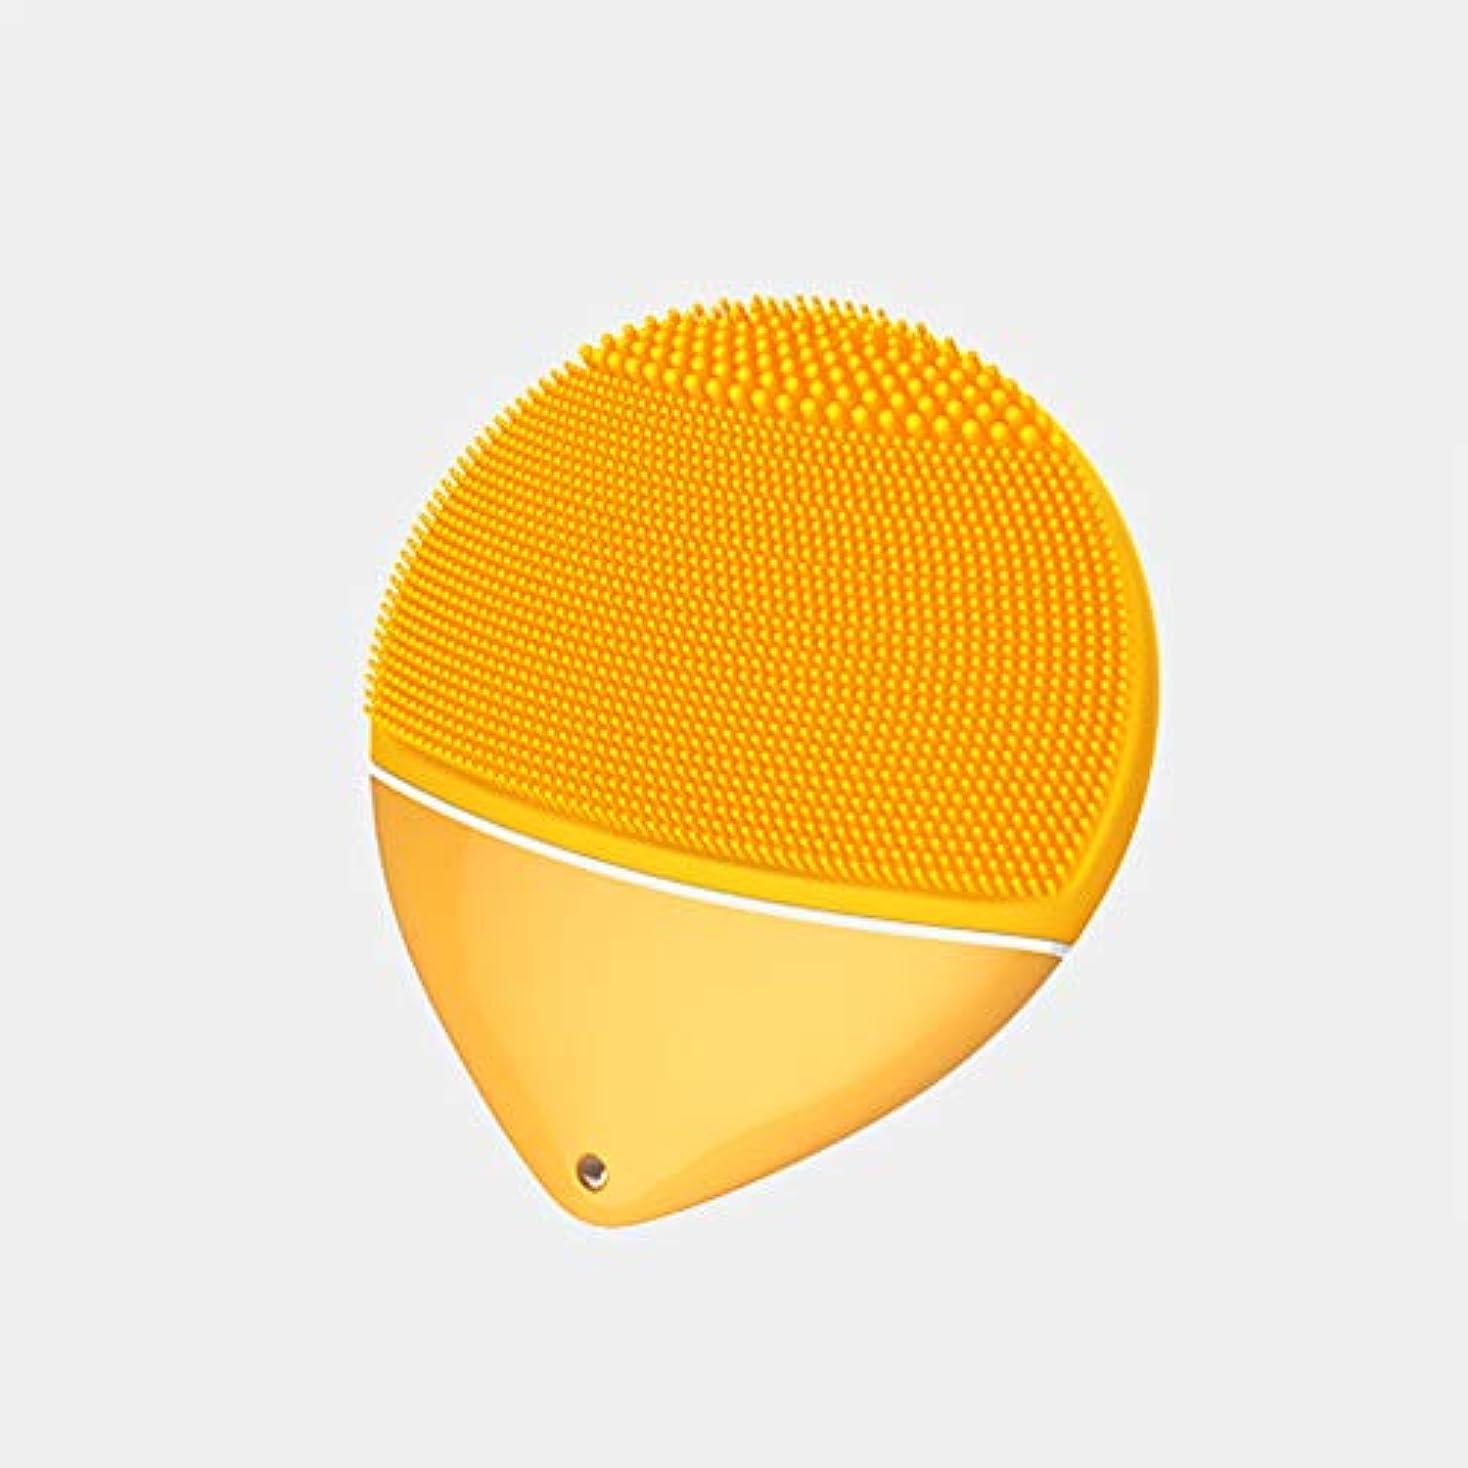 巻き取り追放する留まるタイマーを備えた葉顔クレンジングブラシと顔マッサージ器、再充電可能な防水フェイシャル浄化システム、あらゆる皮膚タイプのための柔らかいシリコーンでアンチエイジングスキンケアフェイスクレンザー